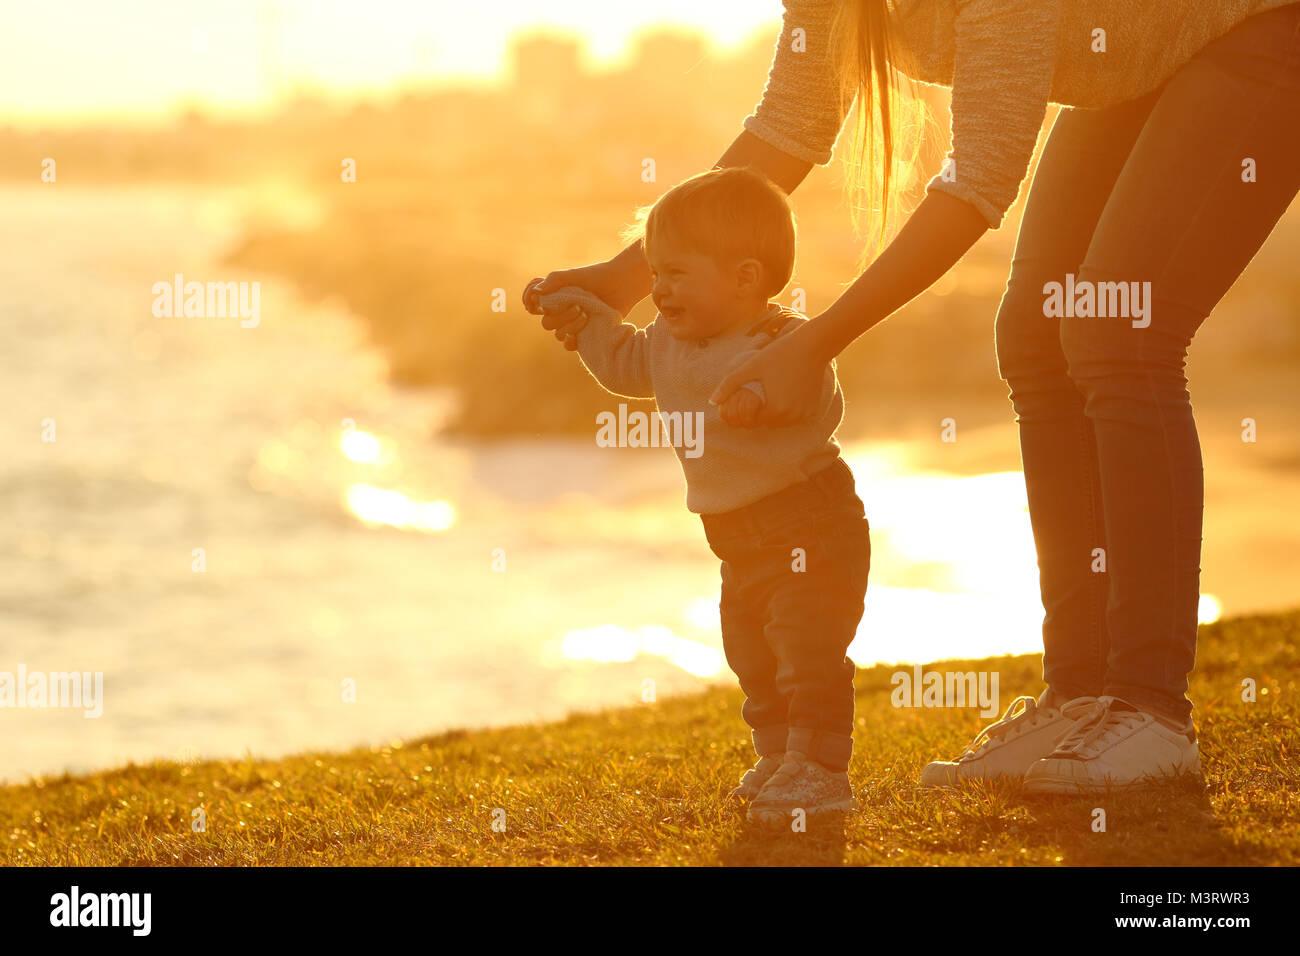 Vista lateral de un niño que aprende a caminar y madre ayudándole en la hierba al aire libre al atardecer Imagen De Stock